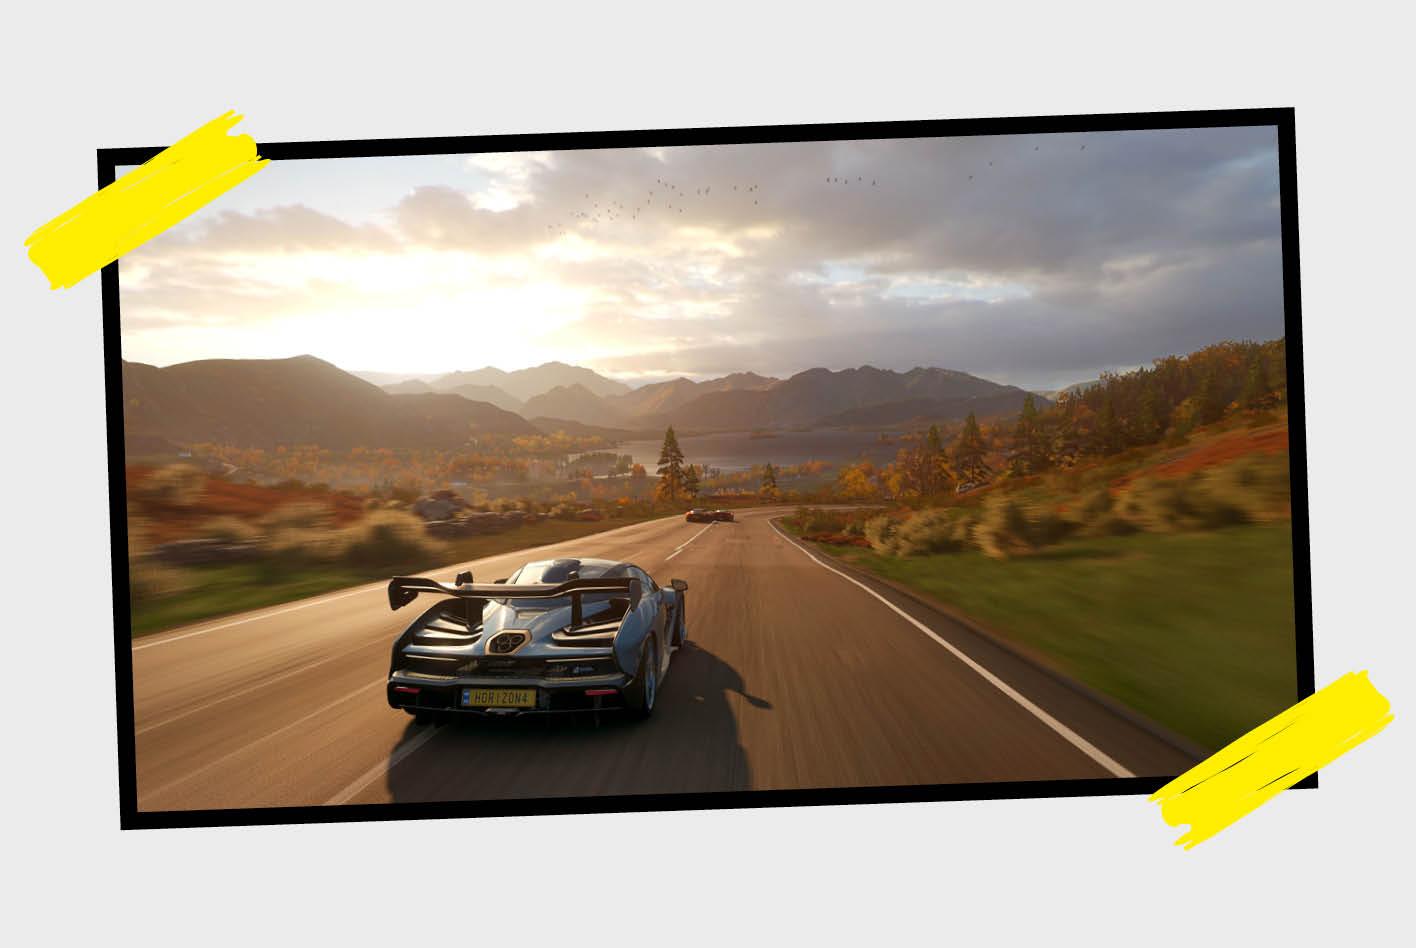 Forza Horizon 4 ist ein Racing-Game, das Rennsimulation und Arcade-Feeling vereint.